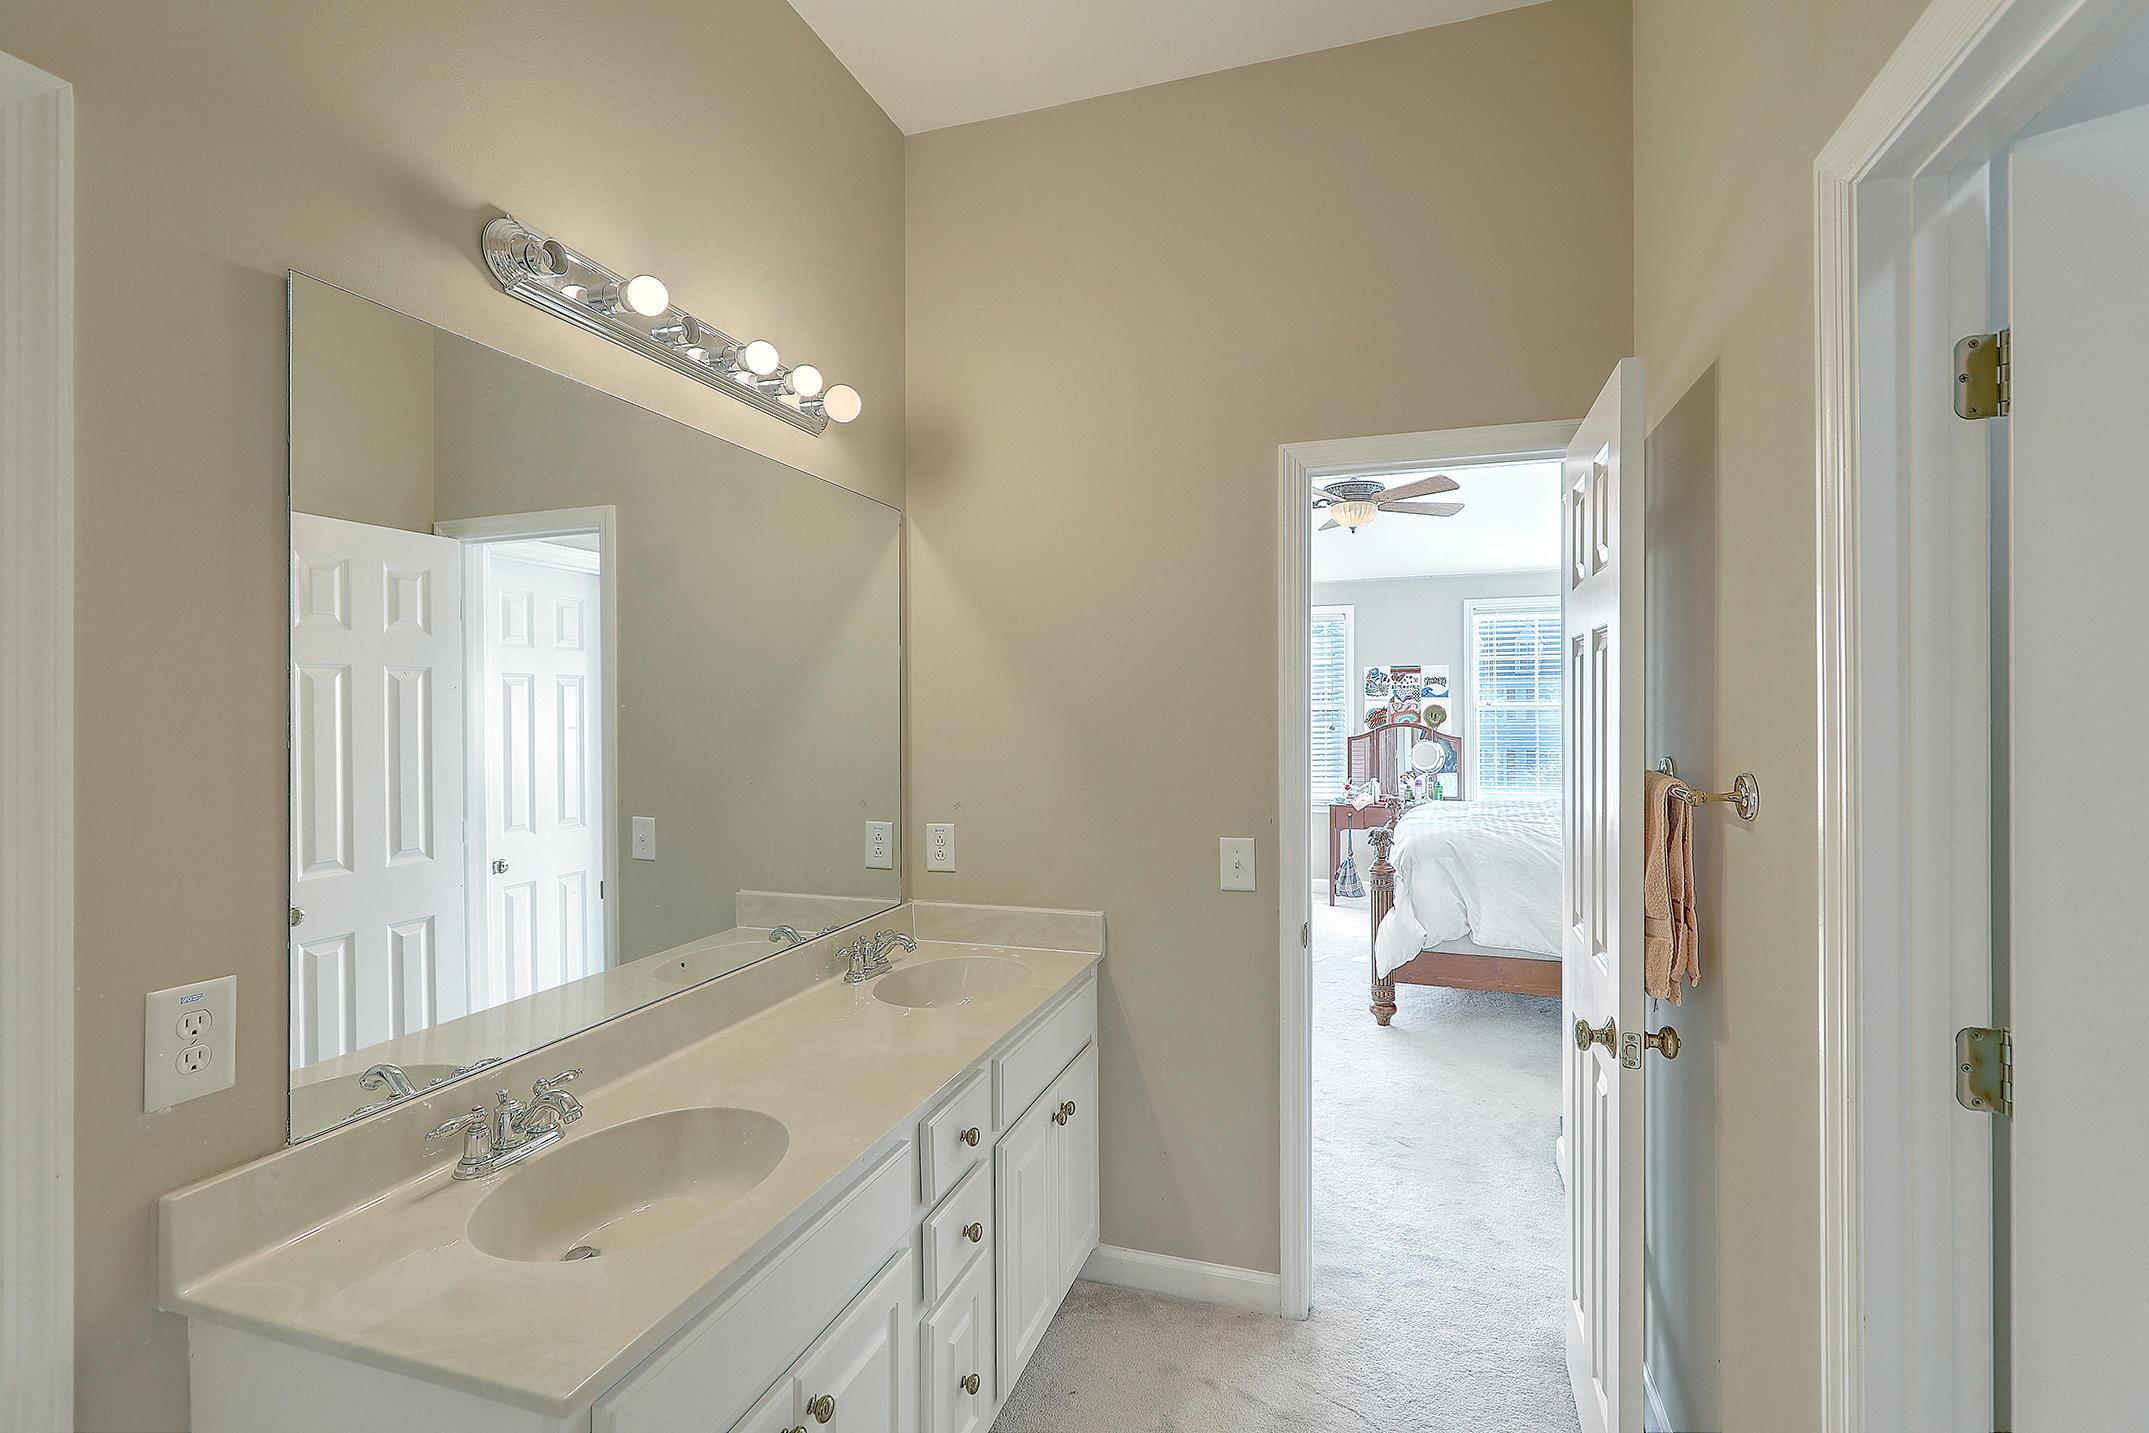 Dunes West Homes For Sale - 129 Palm Cove, Mount Pleasant, SC - 29